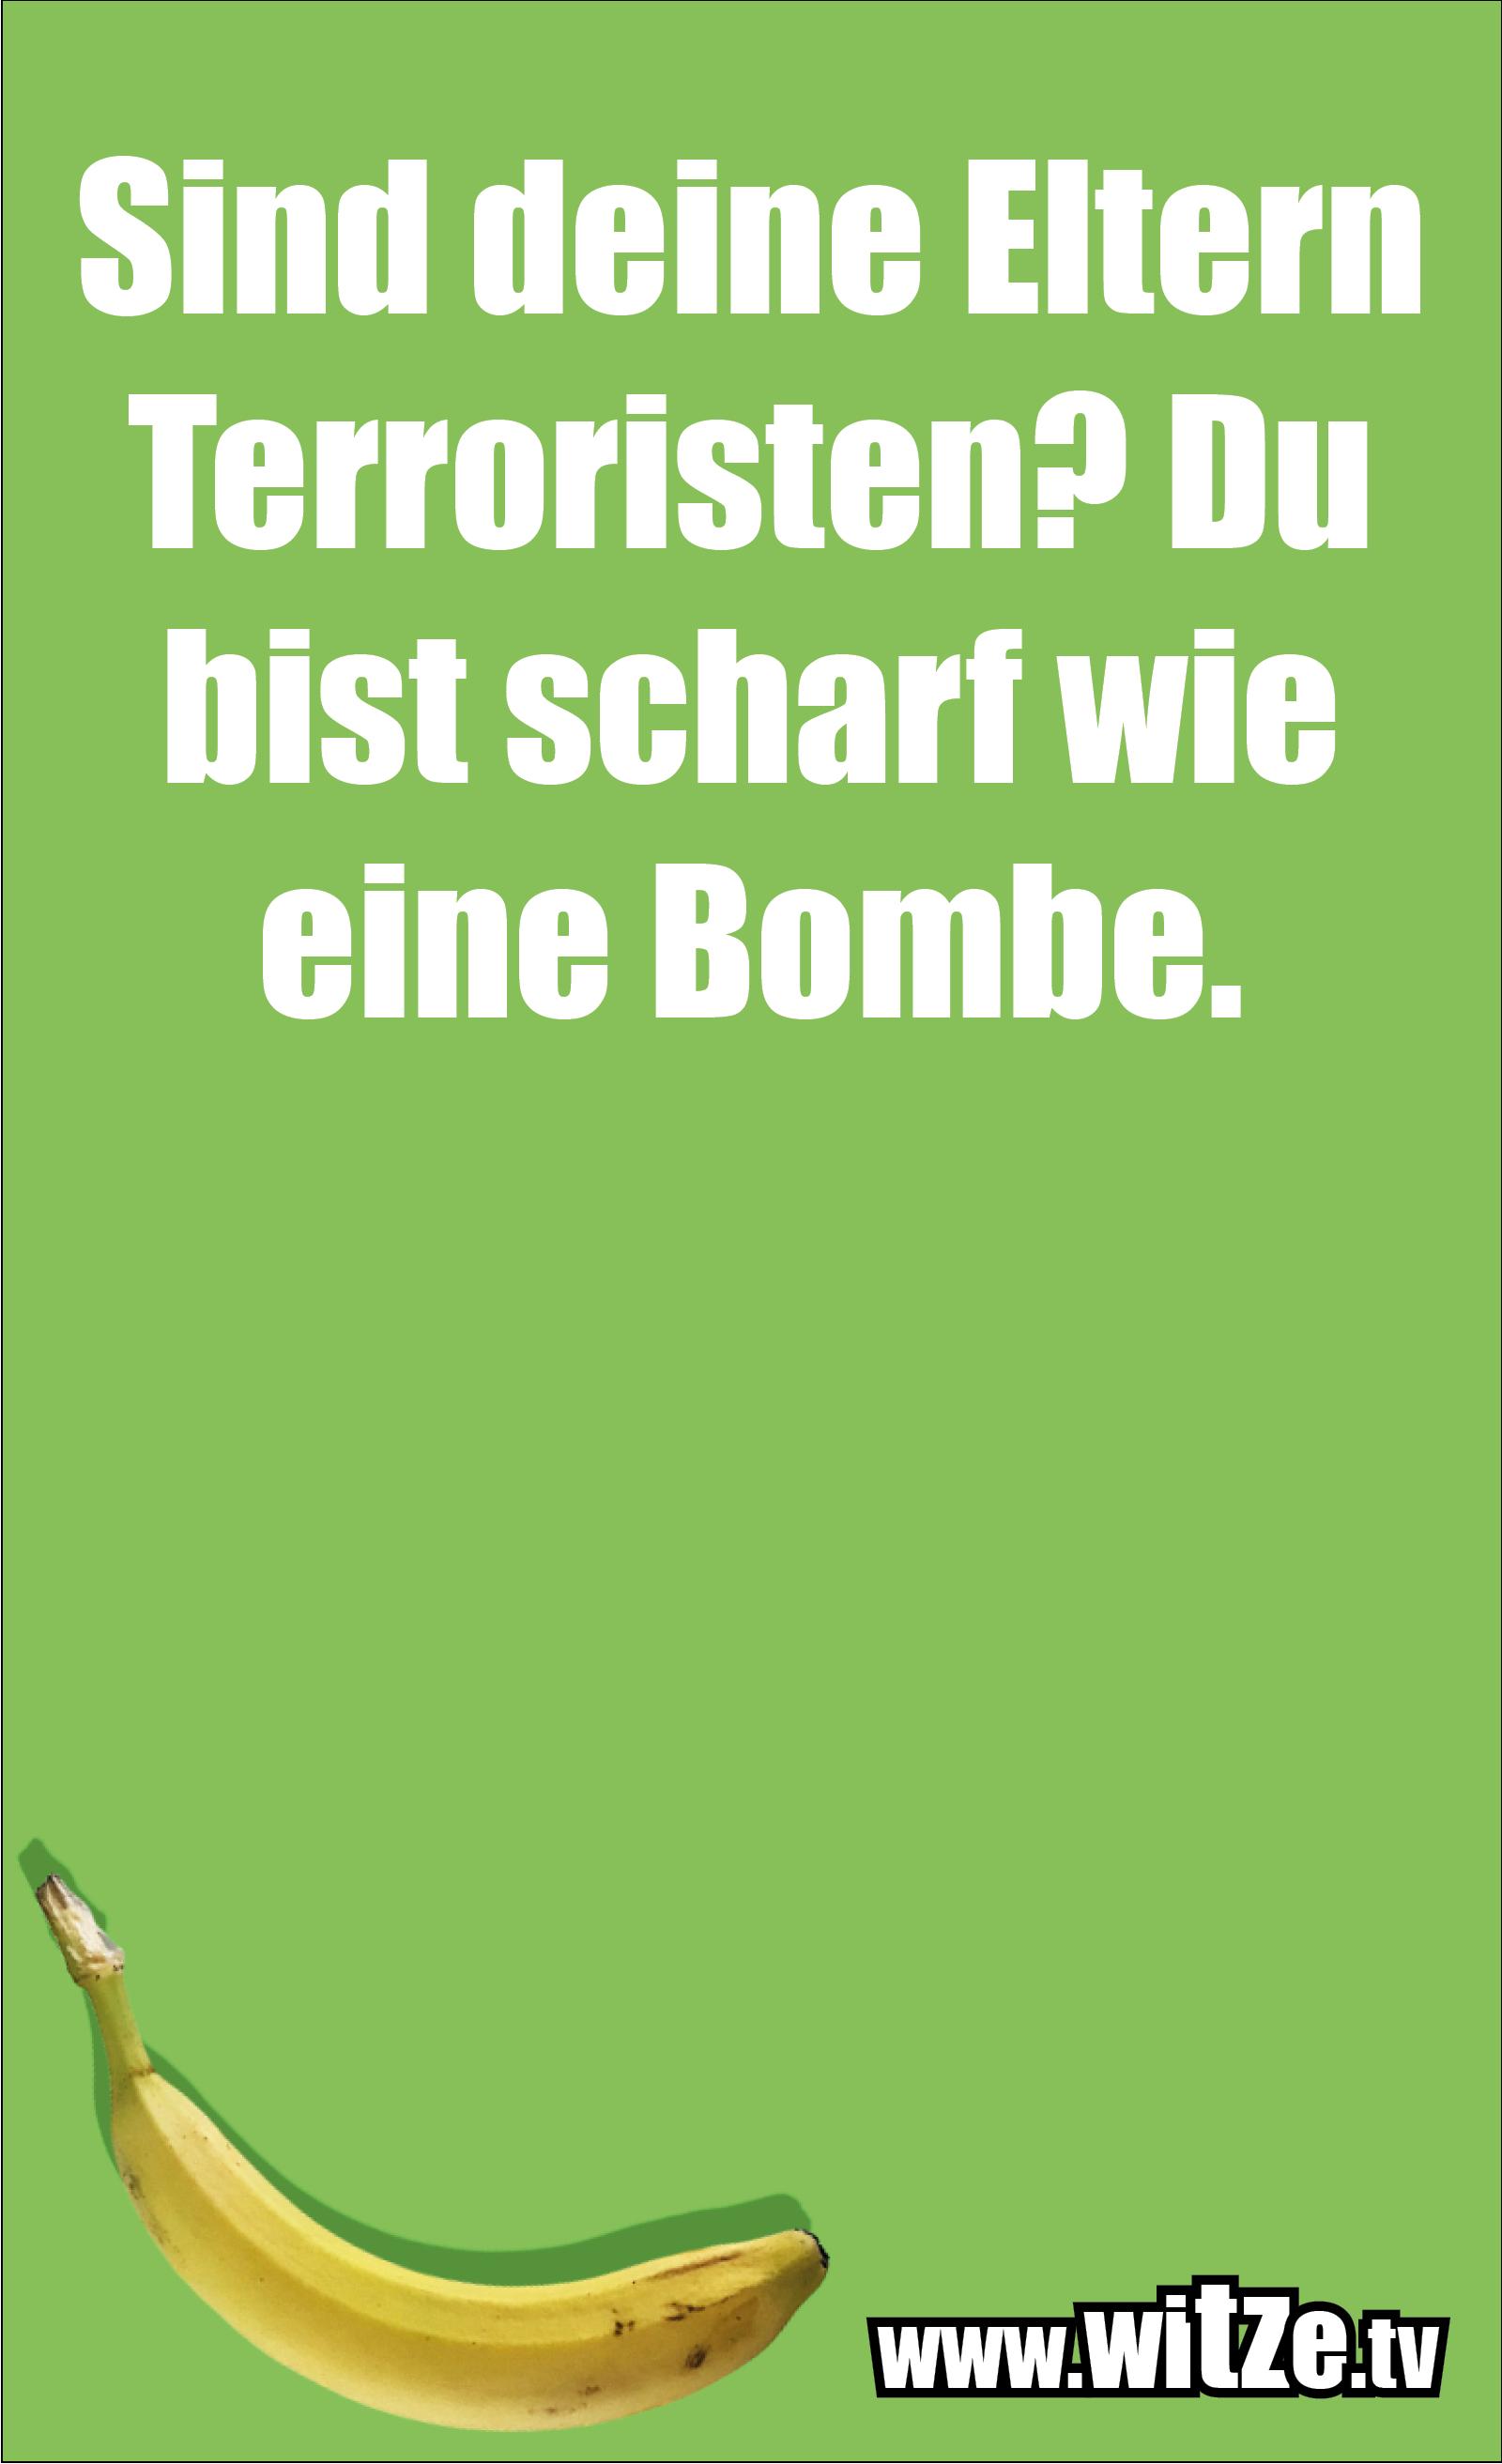 Lustige Anmachsprüche… Sind deine Eltern Terroristen? Du bist scharf wie eine Bombe.